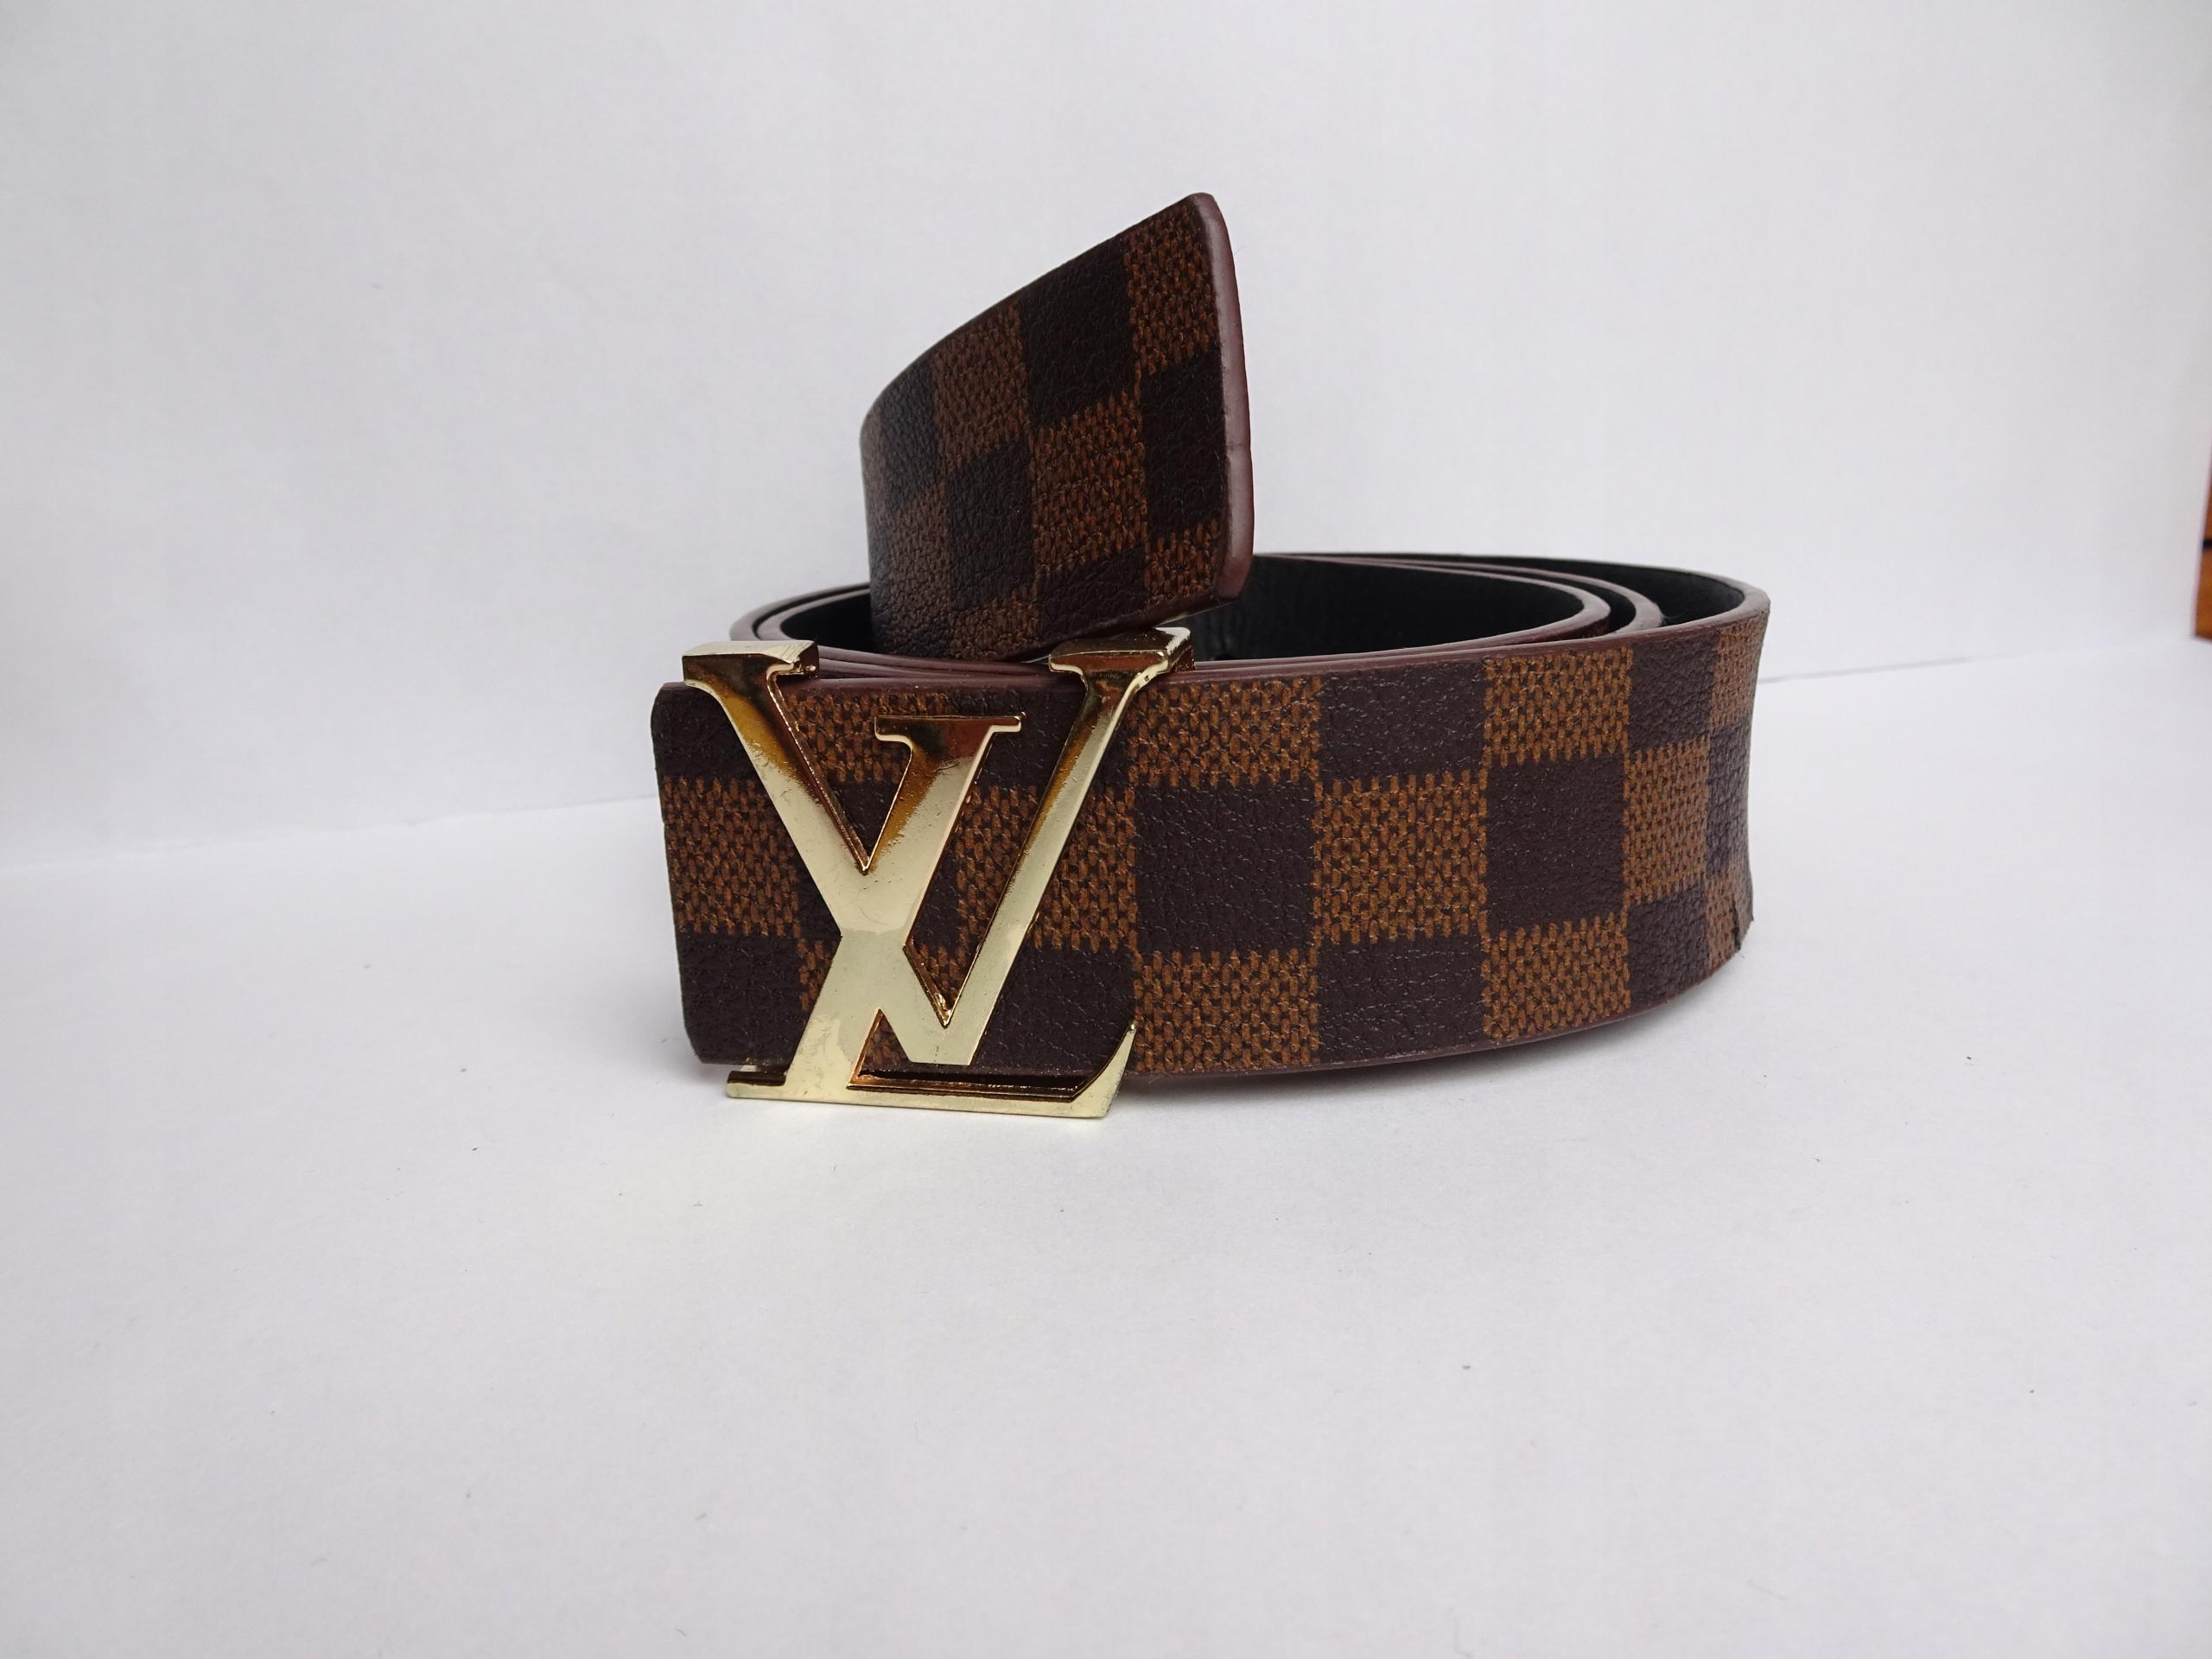 7009a38ed81d4 Louis Vuitton LV Pasek Belt dł 107 cm - 7750410344 - oficjalne ...